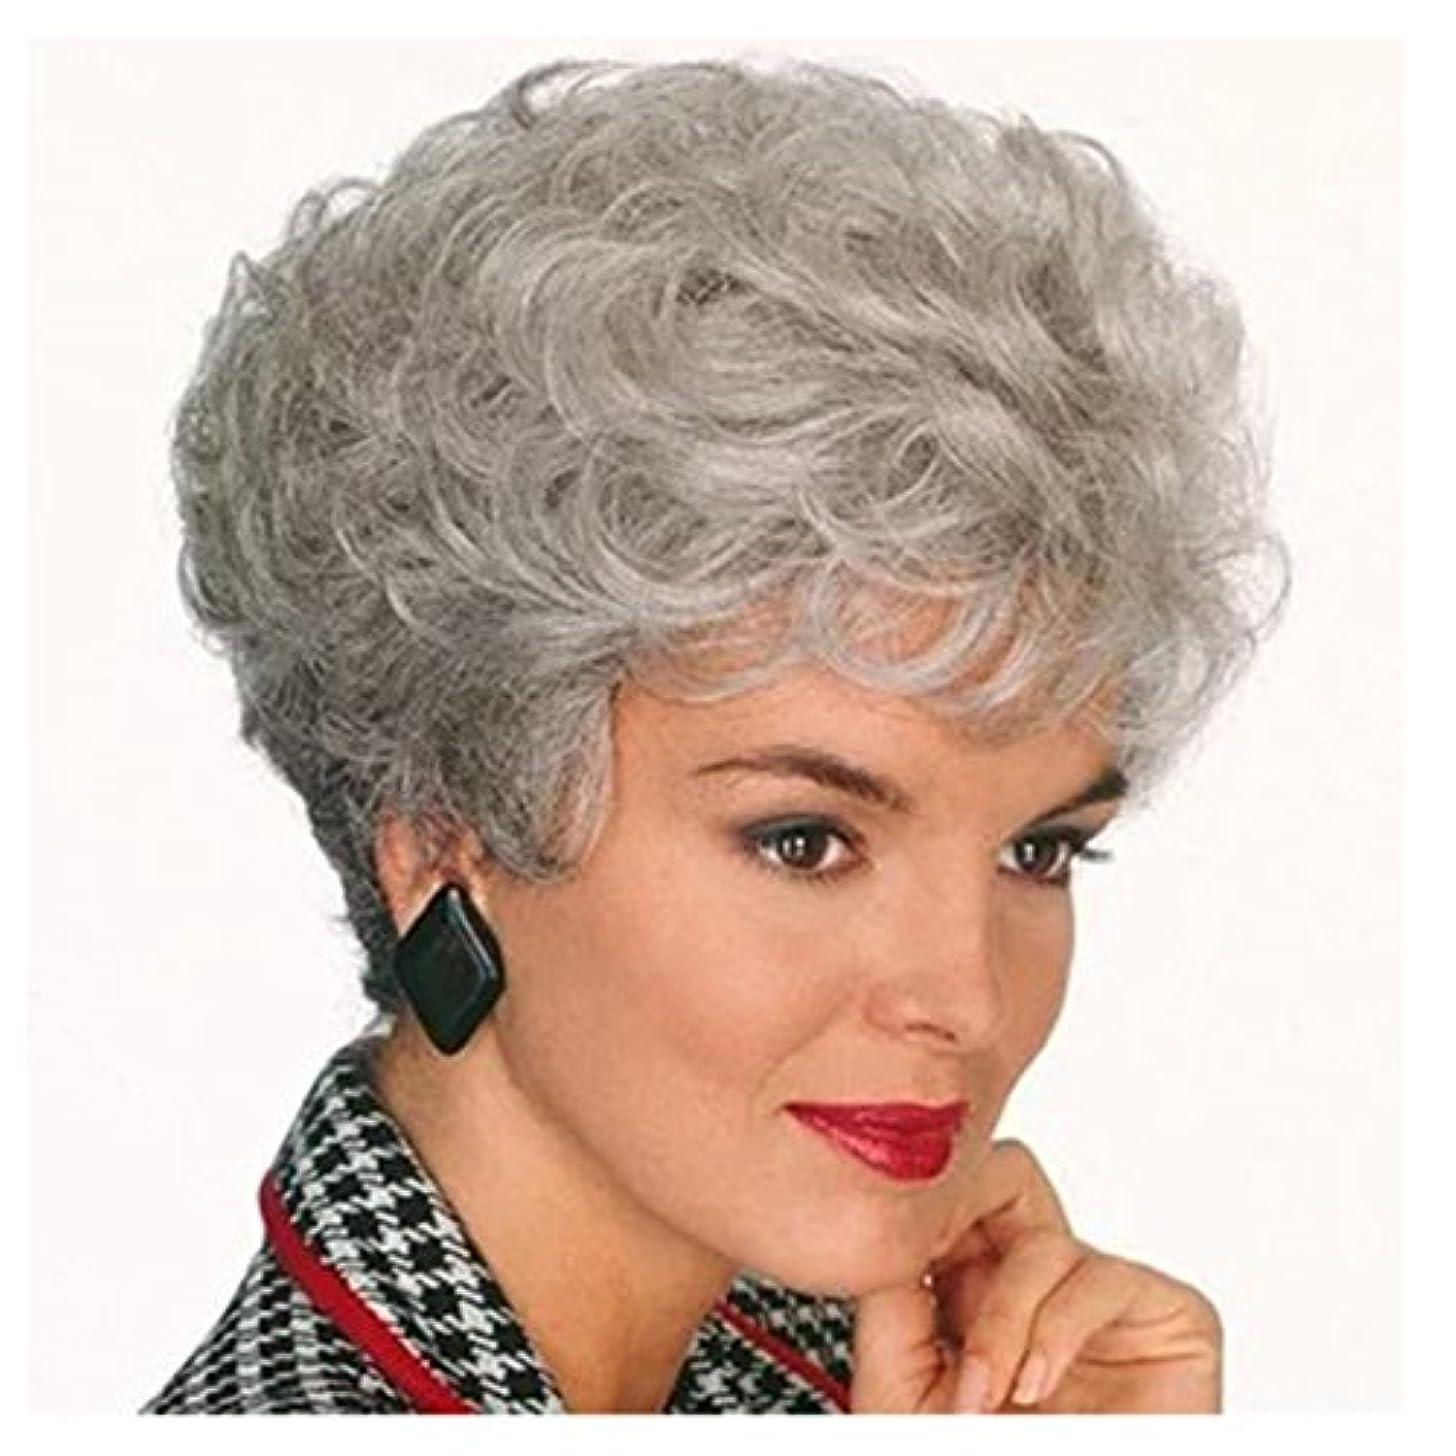 カナダ解明発行するYOUQIU コスプレ中年と古い人々のために150グラムフラッツ前髪ウィッグで女性や男性の髪ふわふわナチュラルウィッグ用ショート全頭ウィッグ(黒/ダークブラウン/ライトブラウン/グレー)ウィッグ (色 : グレー)